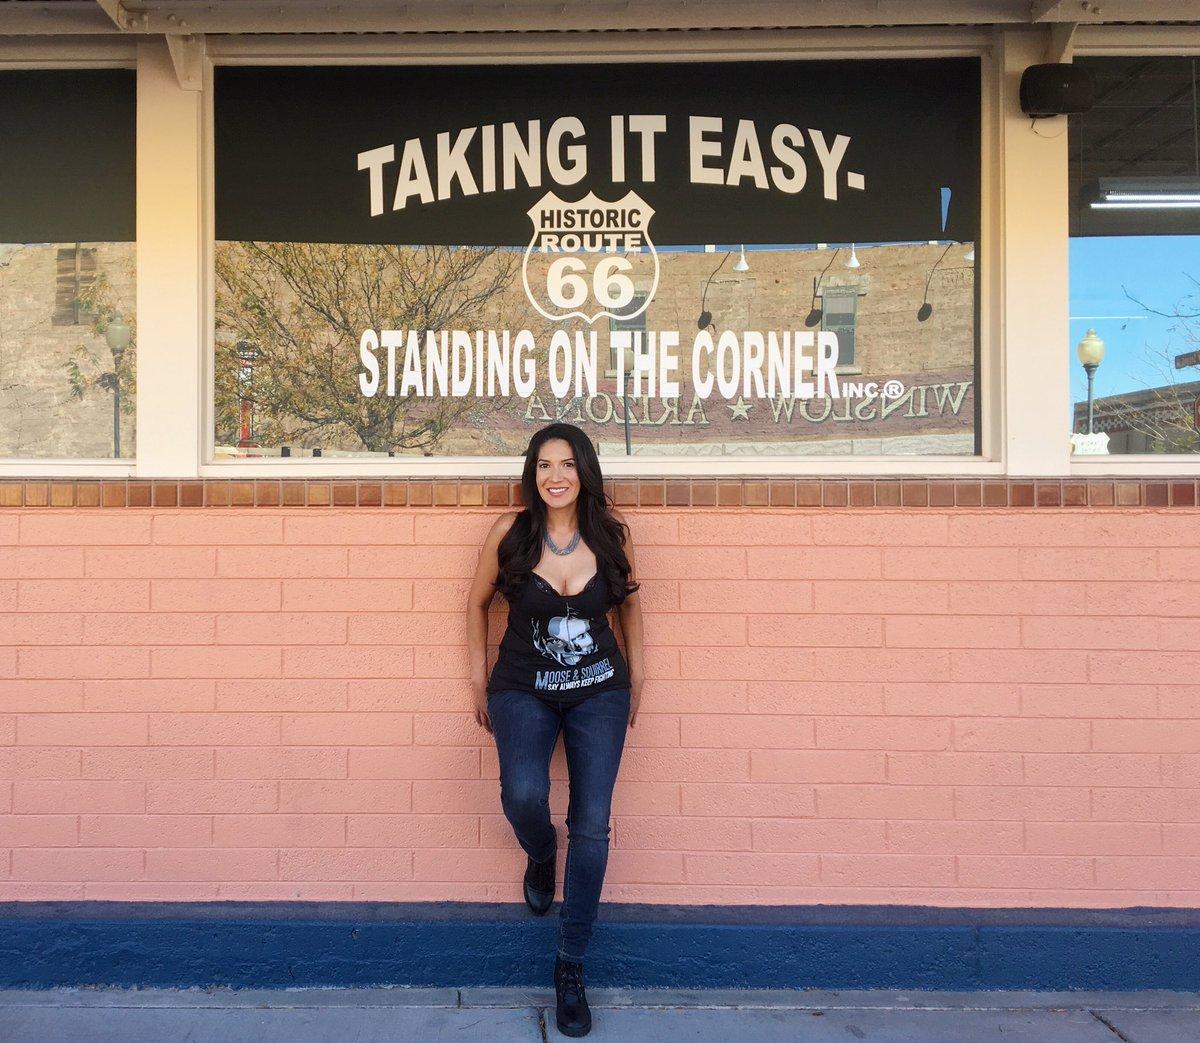 takeiteasy eagles winslow arizona roadtrippic twitter com z31ynqmzsa